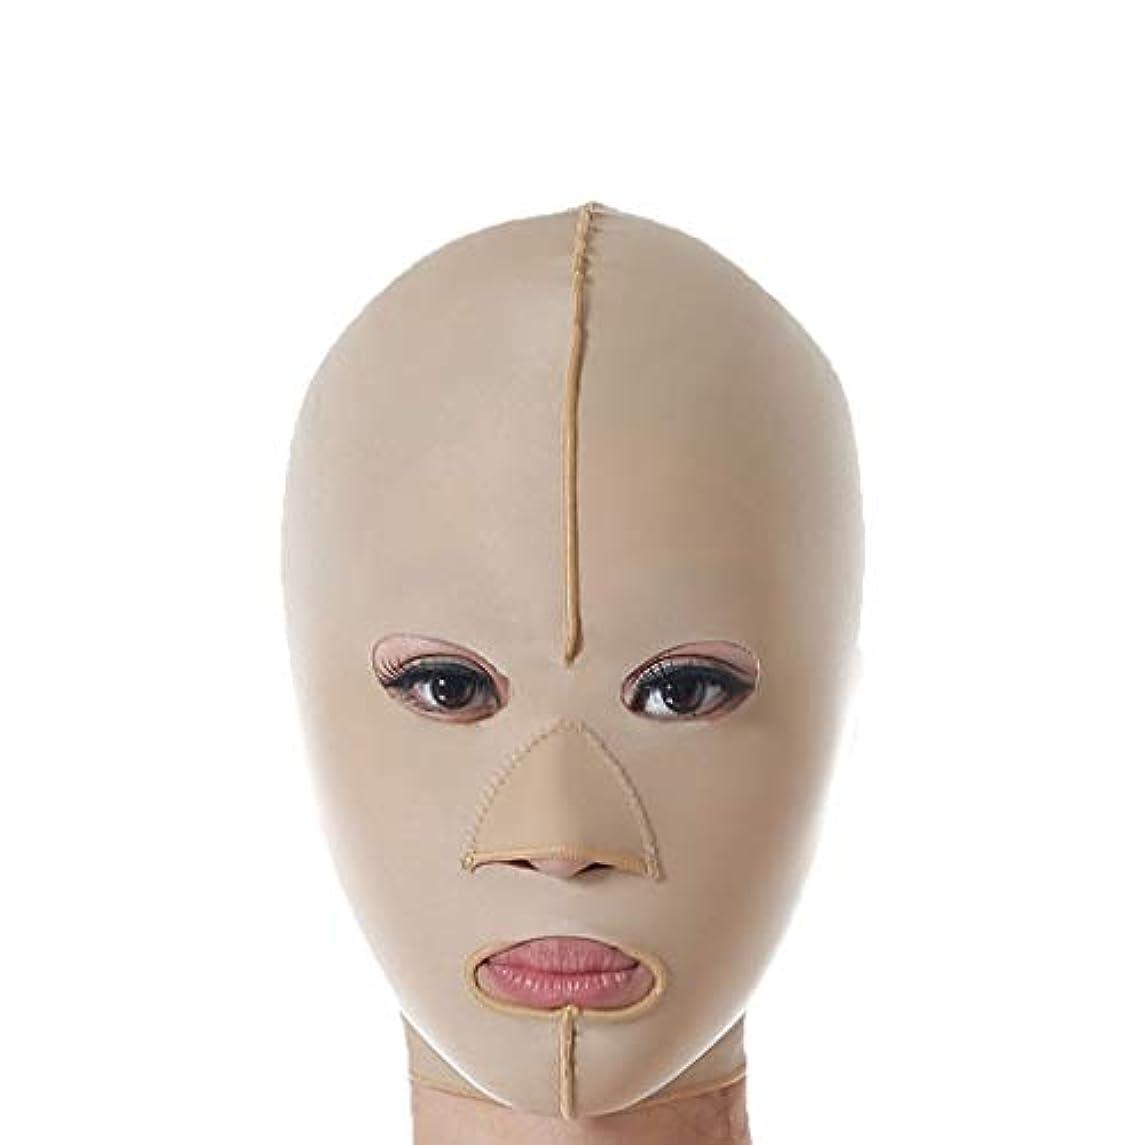 主張ベーコン環境保護主義者減量フェイスマスク、リフティング包帯、スリムフェイスリフトリフティングベルト、フェイシャル減量リフティング包帯 (Size : S)